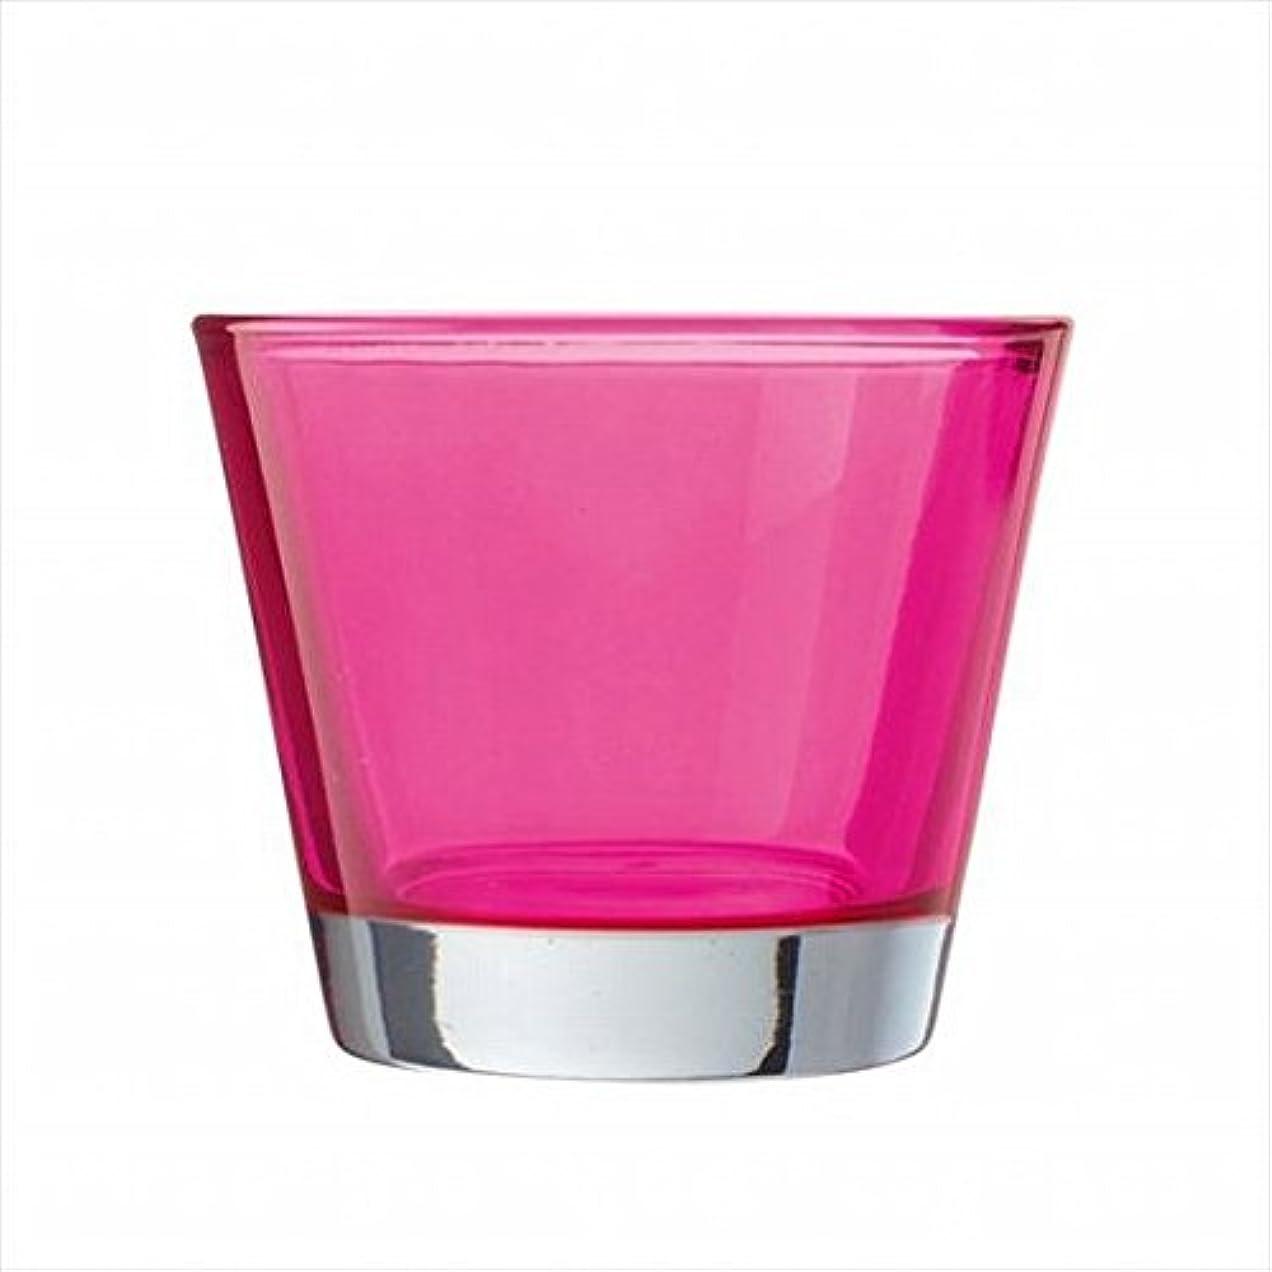 作り上げるステーキ栄光kameyama candle(カメヤマキャンドル) カラリス 「 ピンク 」 キャンドル 82x82x70mm (J2540000PK)